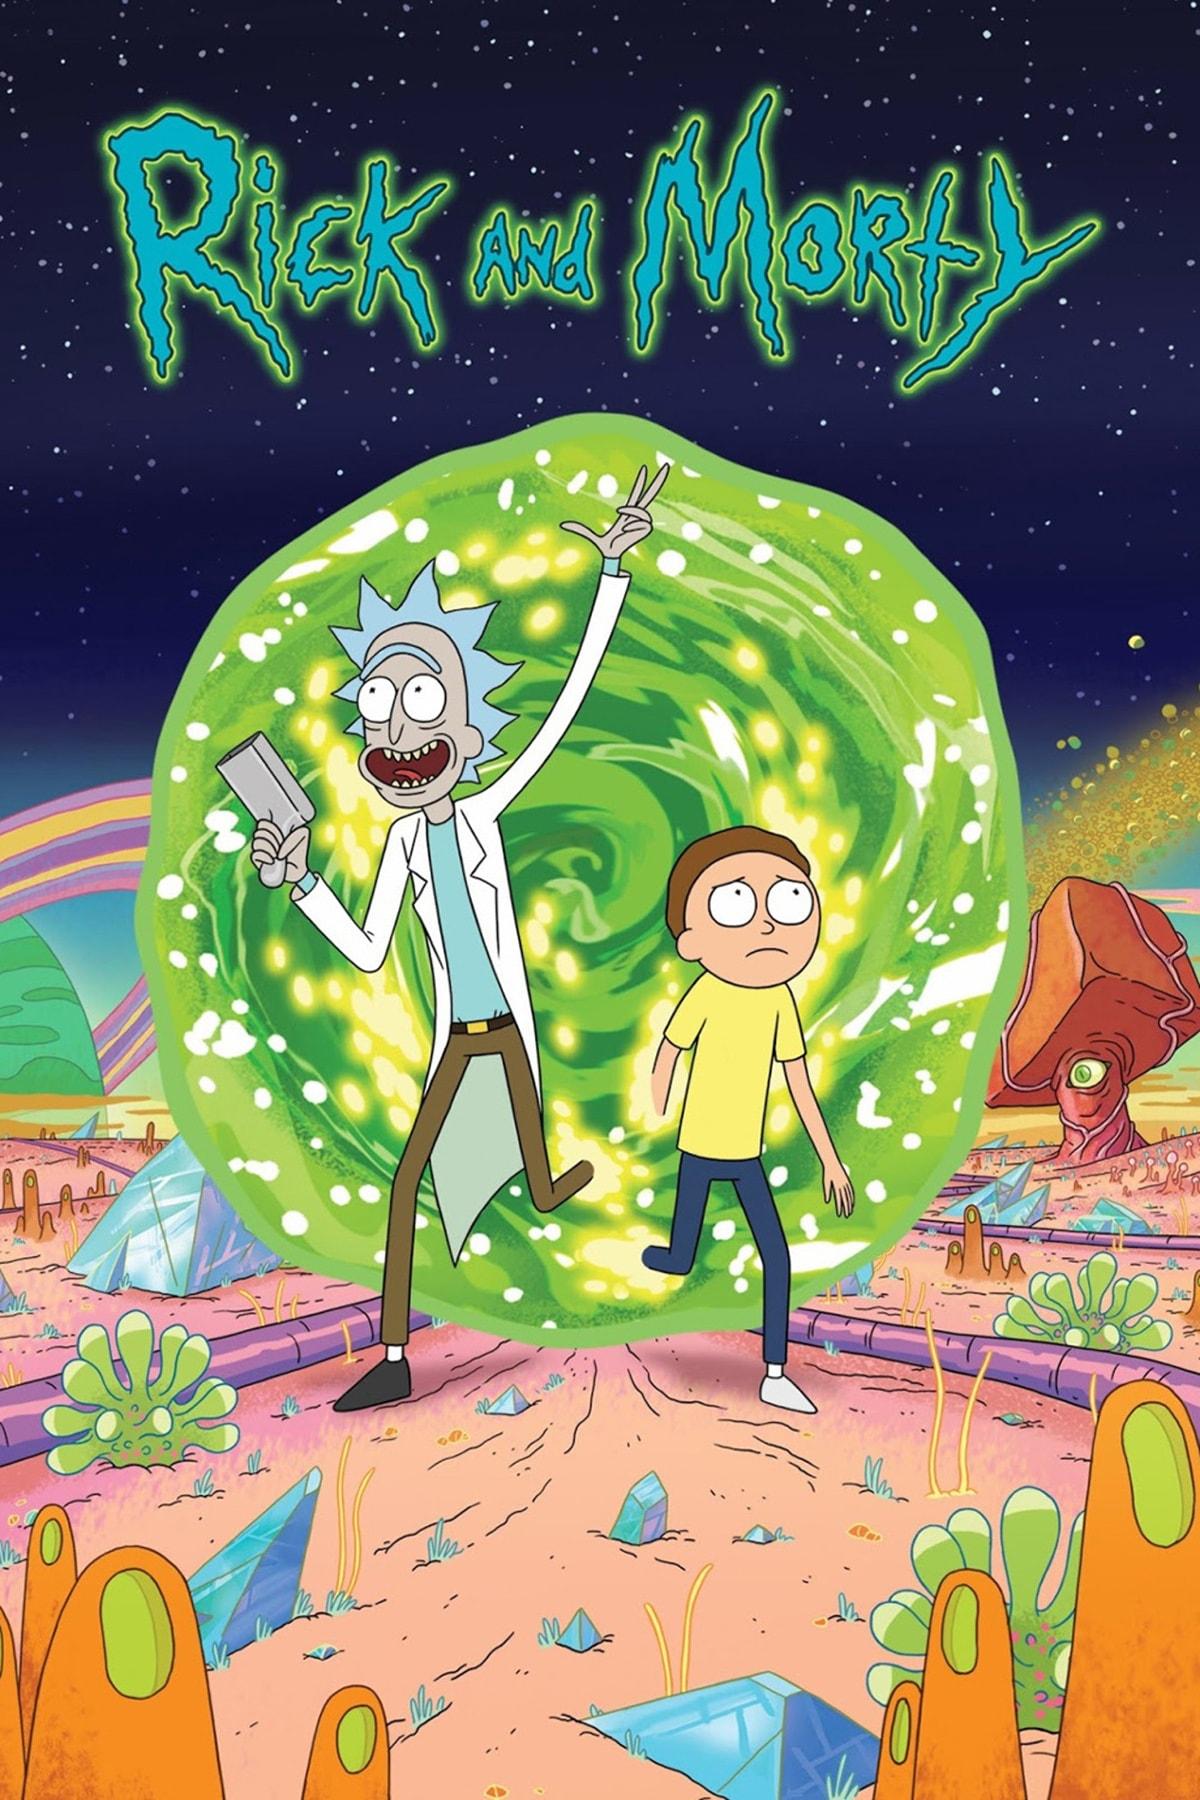 「没下限」的《Rick and Morty》,为何会成为现象级动画剧集?